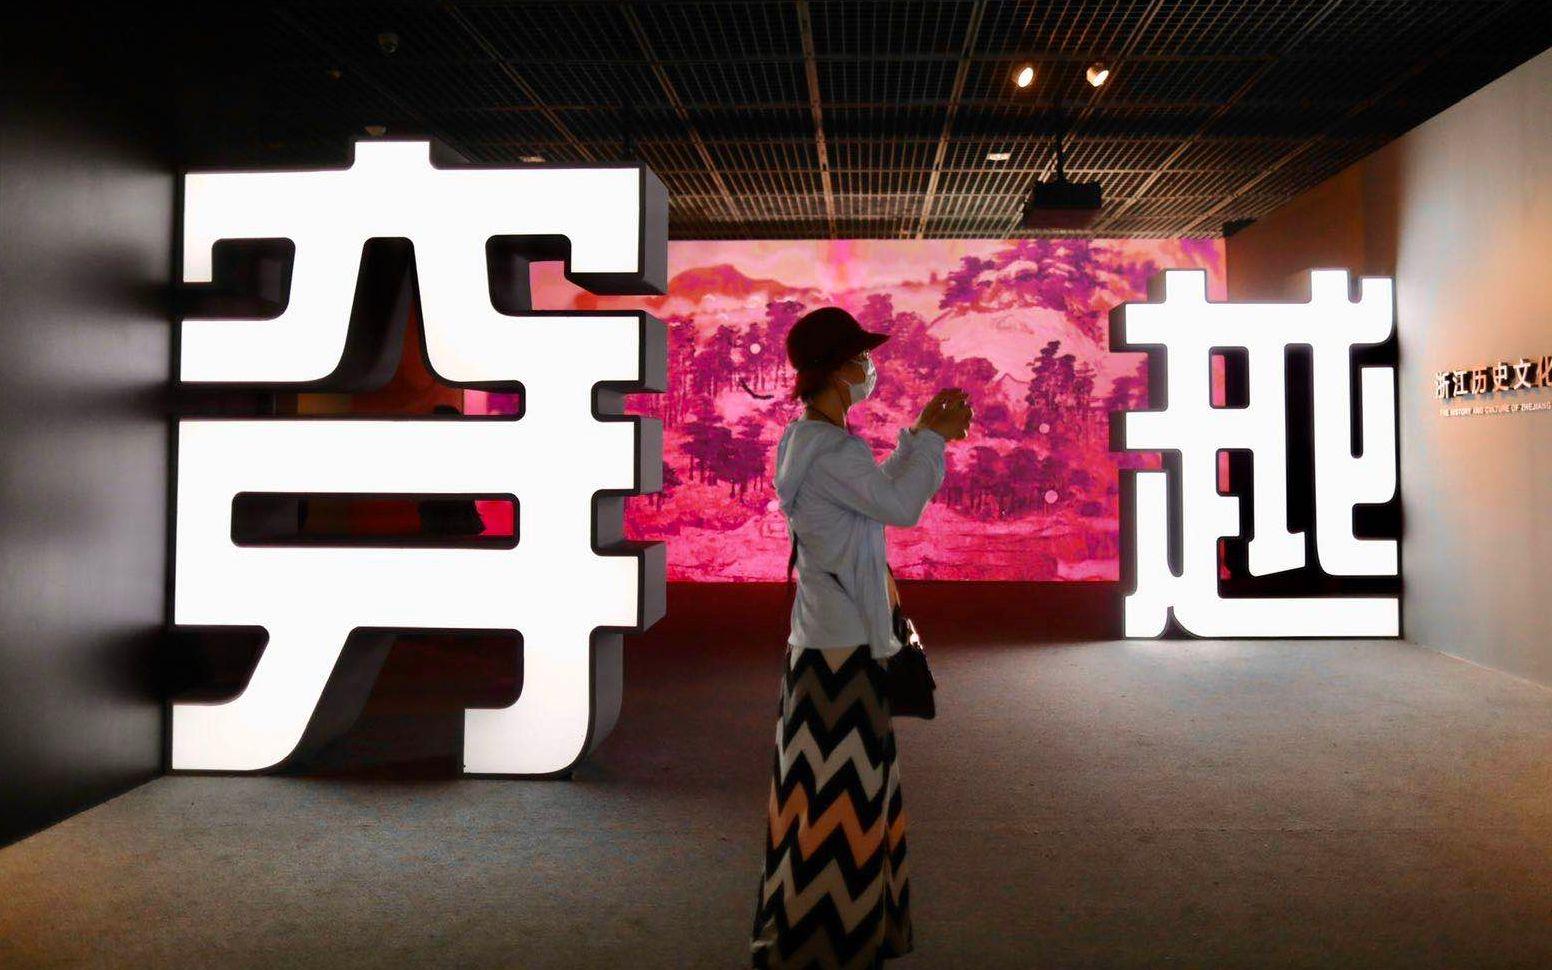 【杏悦平台】探访首博开馆首日展厅杏悦平台进一出图片